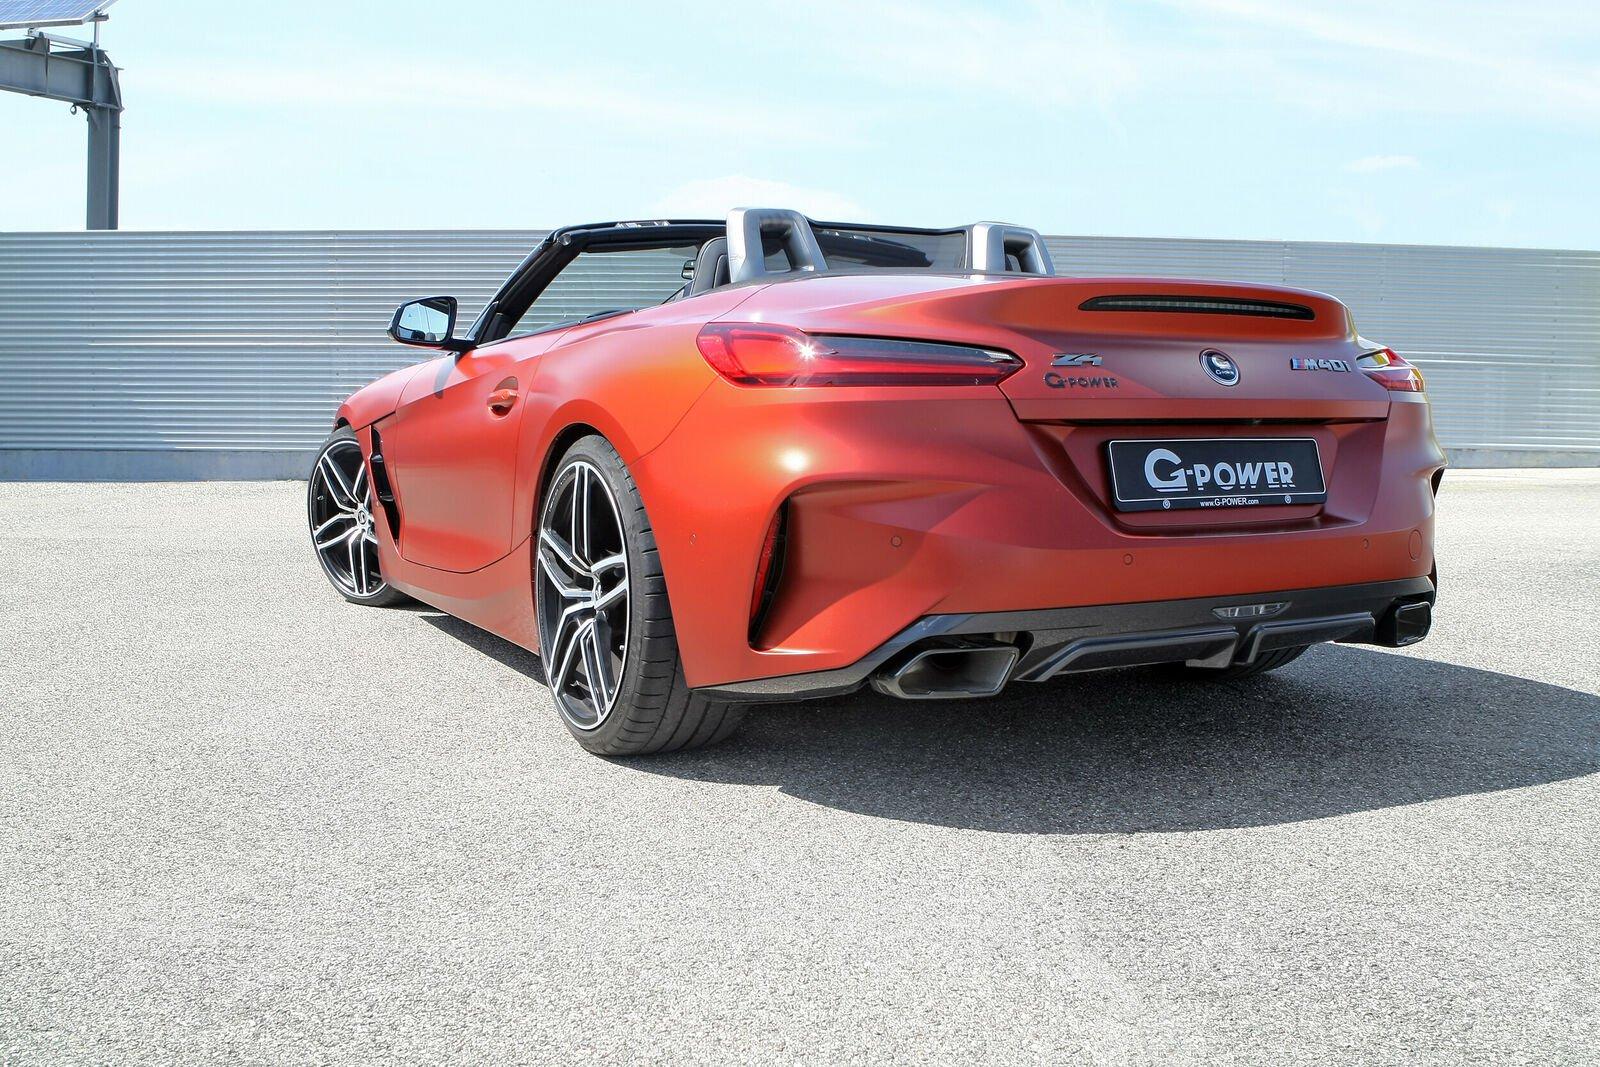 BMW-Z4-M40i-by-G-Power-5